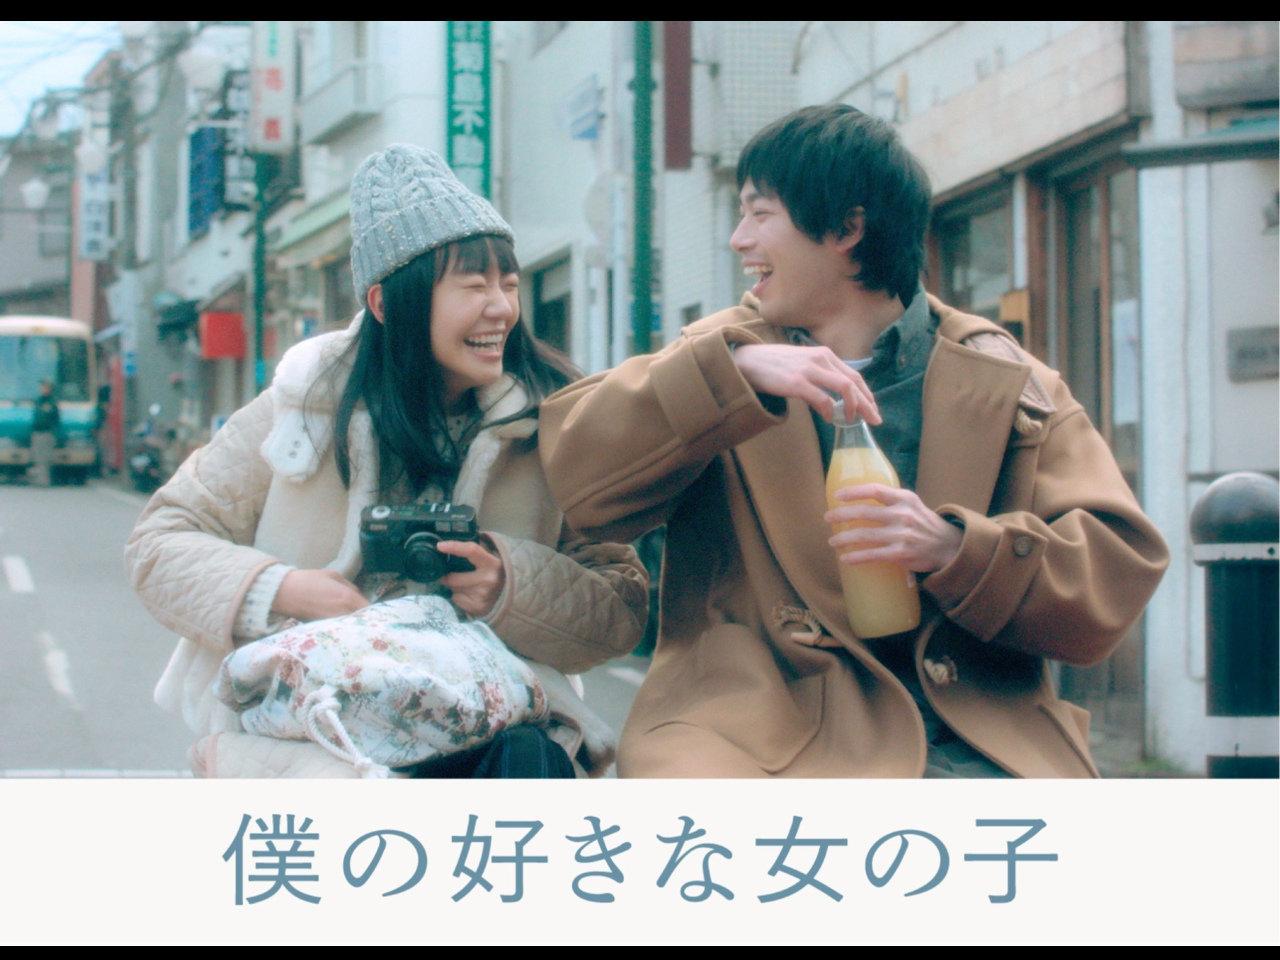 芥川賞作家・又吉直樹による恋愛エッセイ「僕の好きな女の子」公開拡大のためのクラウドファンディング